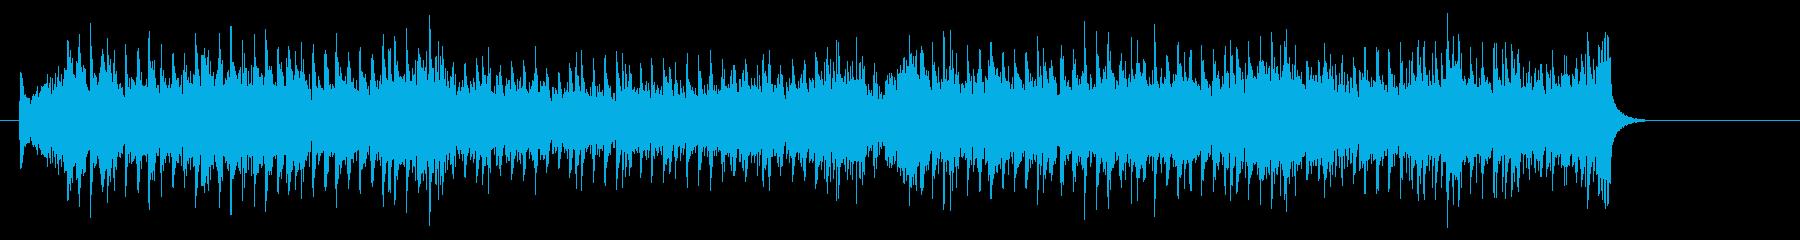 コンテンポラリーなポップスの再生済みの波形